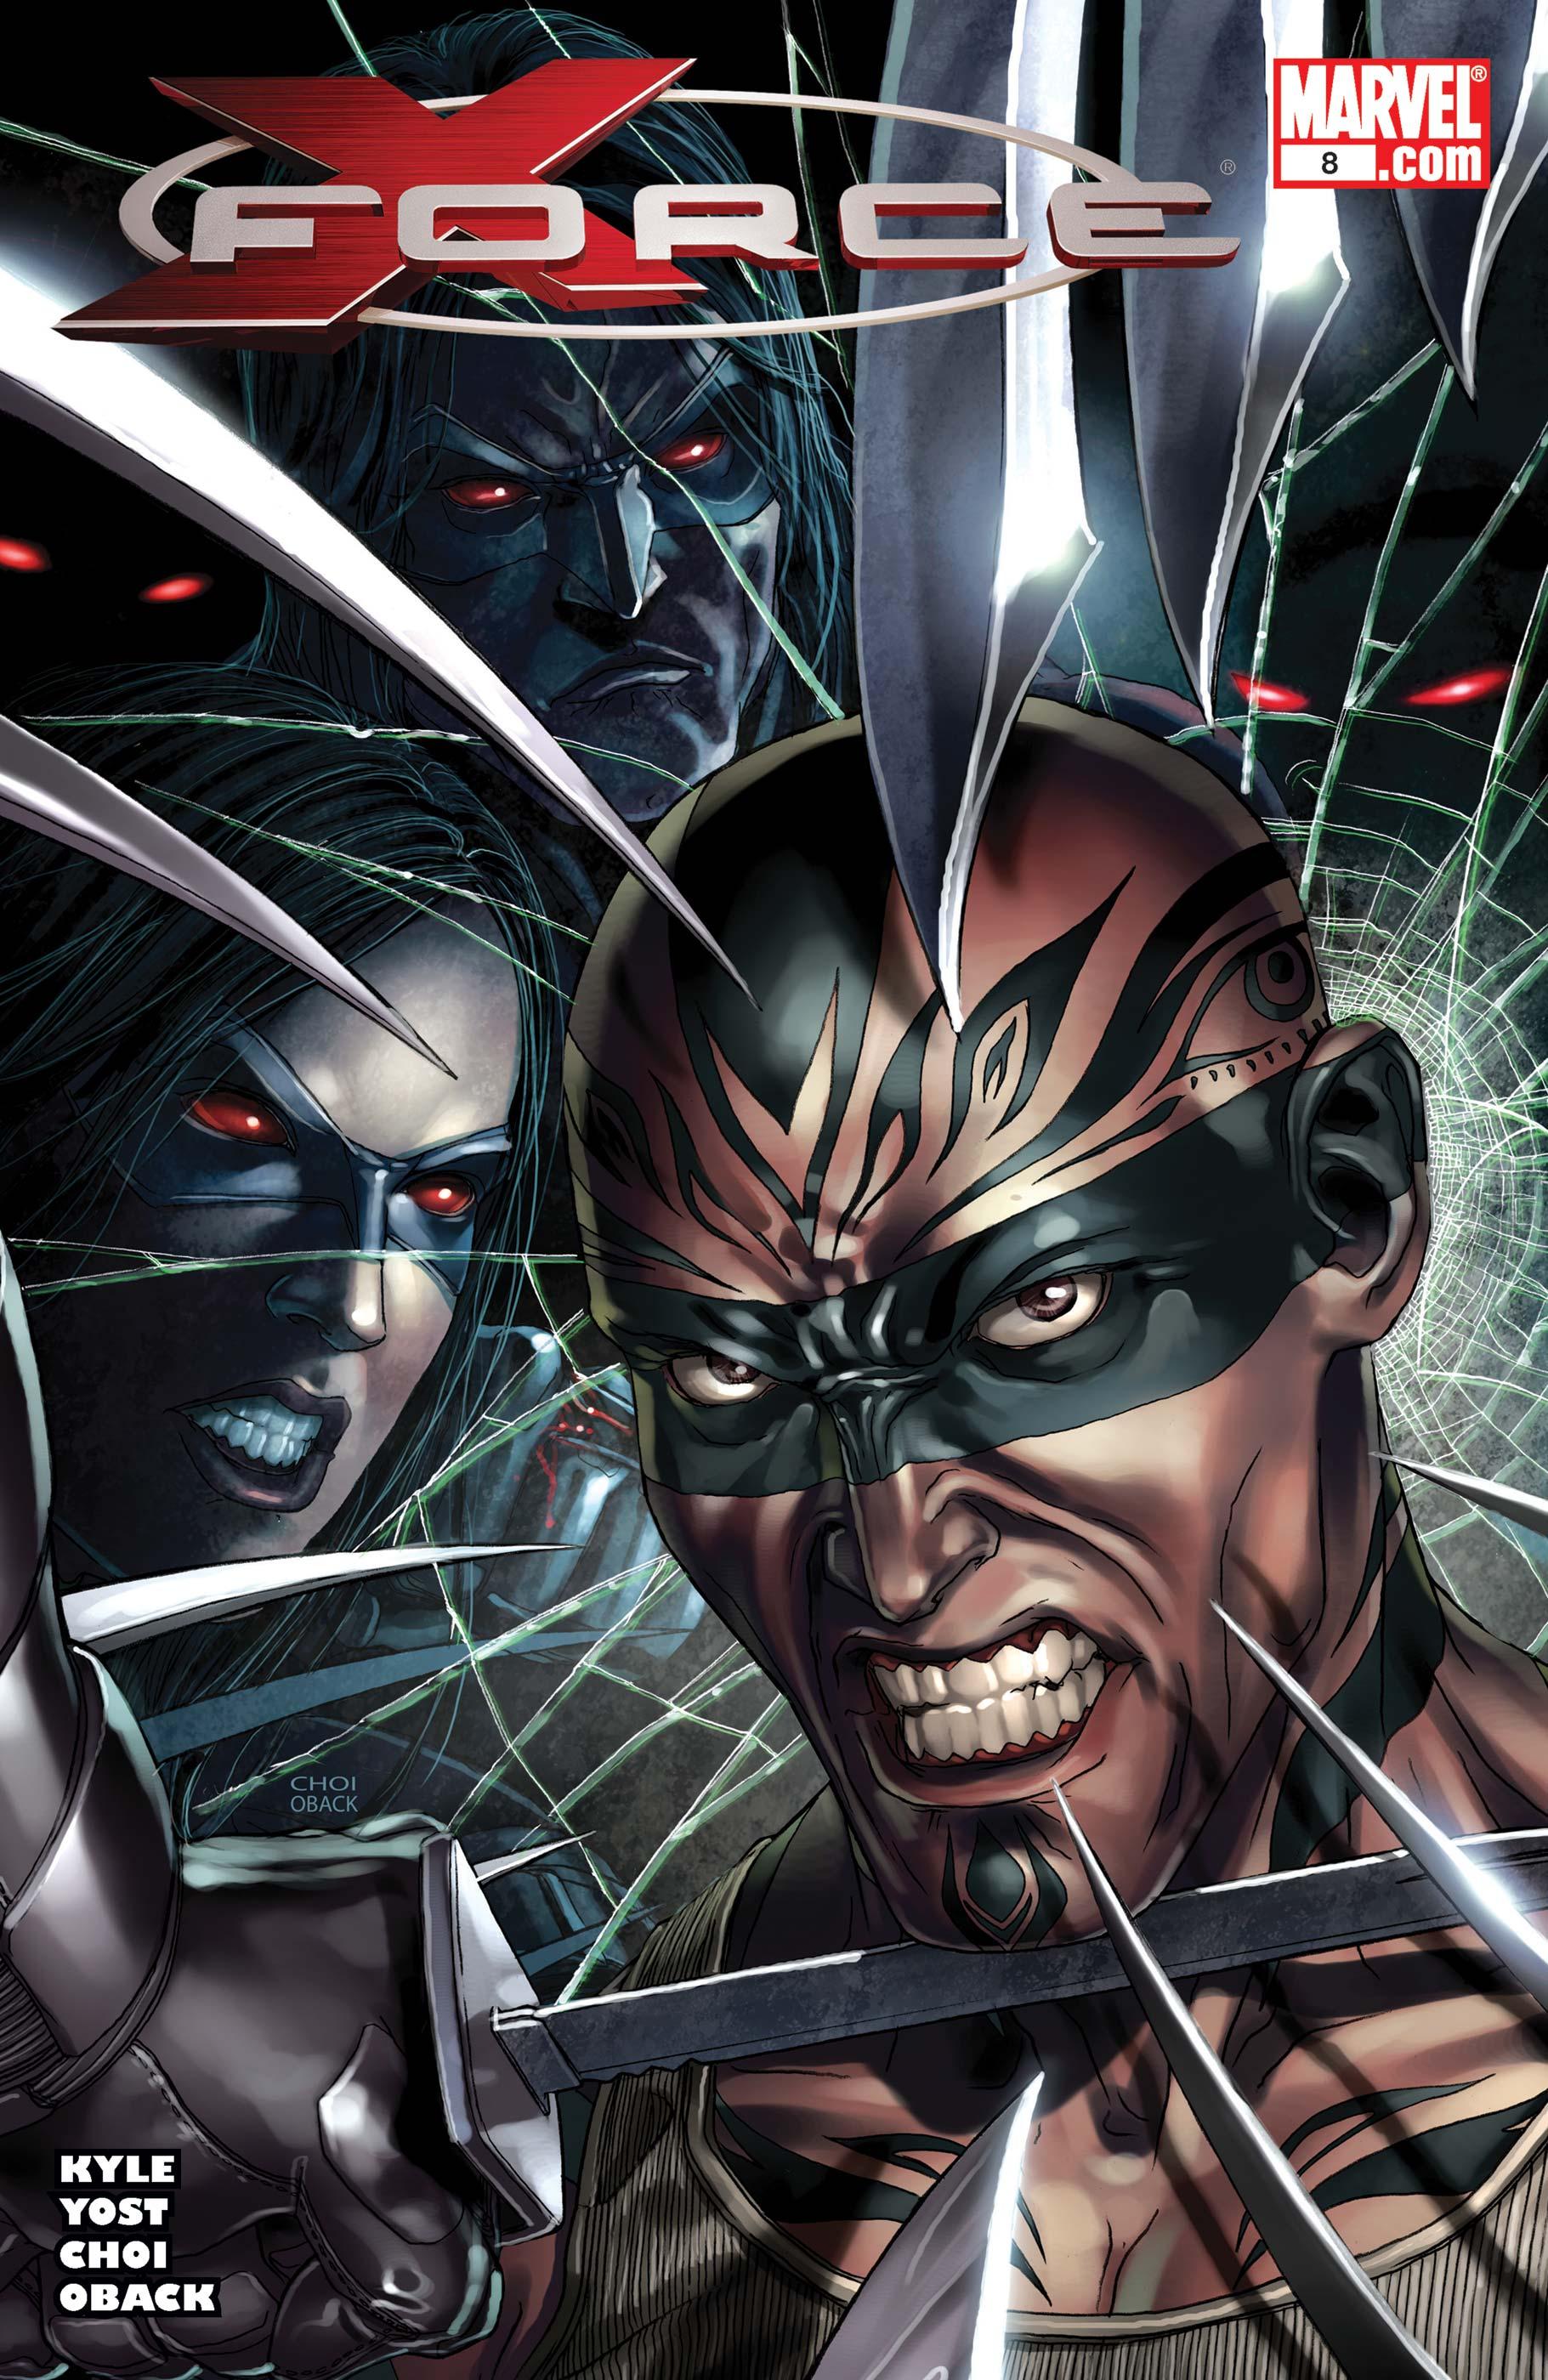 X-Force (2008) #8